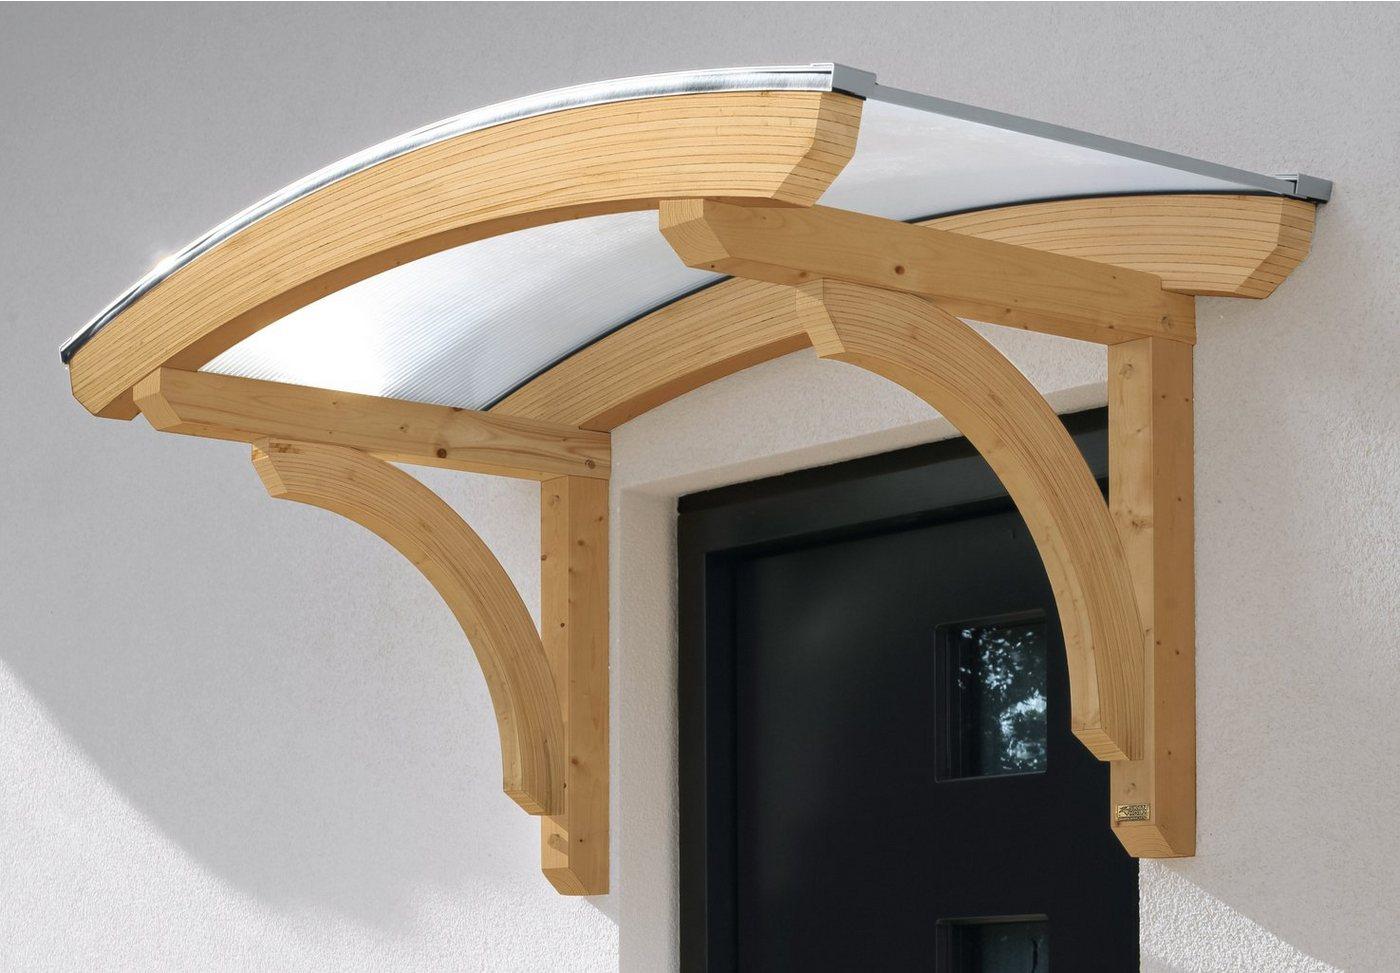 Skanholz Rundbogenvordach »Rostock«, BxT: 174x80 cm, naturfarben | Baumarkt > Modernisieren und Baün > Vordächer | Skanholz